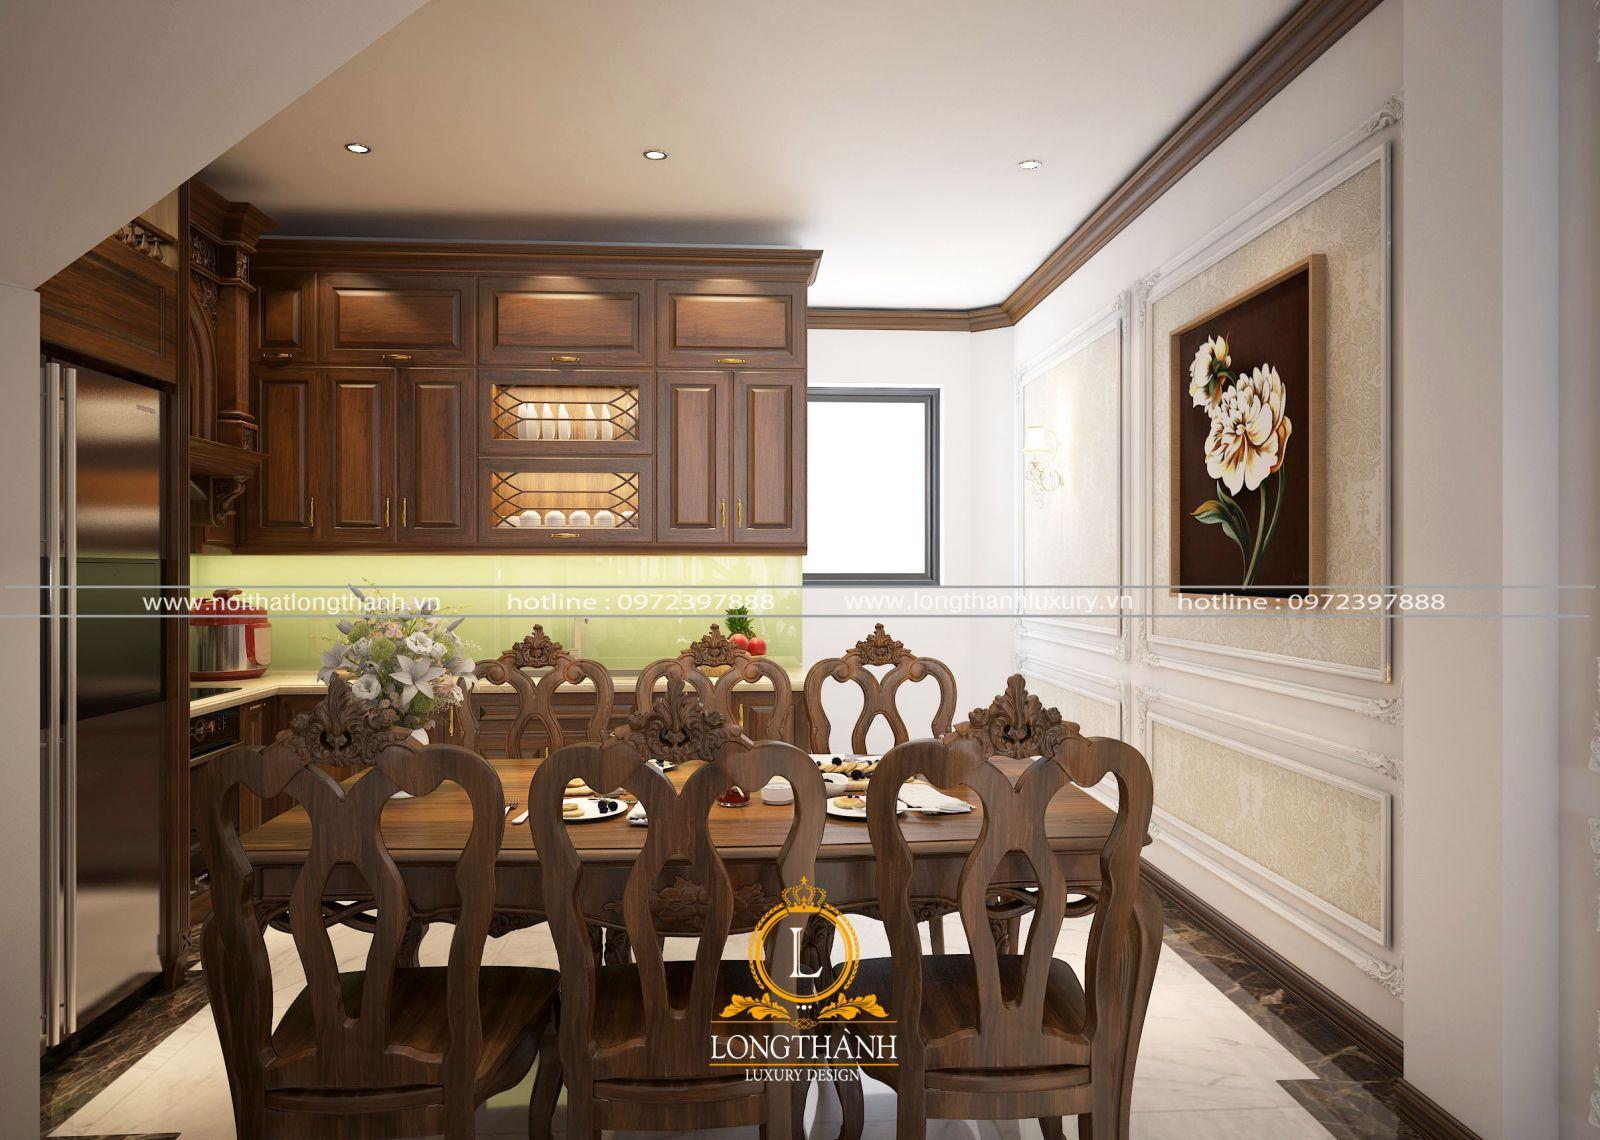 Thiết kế nội thất tủ bếp gỗ Gõ LT14 đơn giản cho nhà ống hẹp